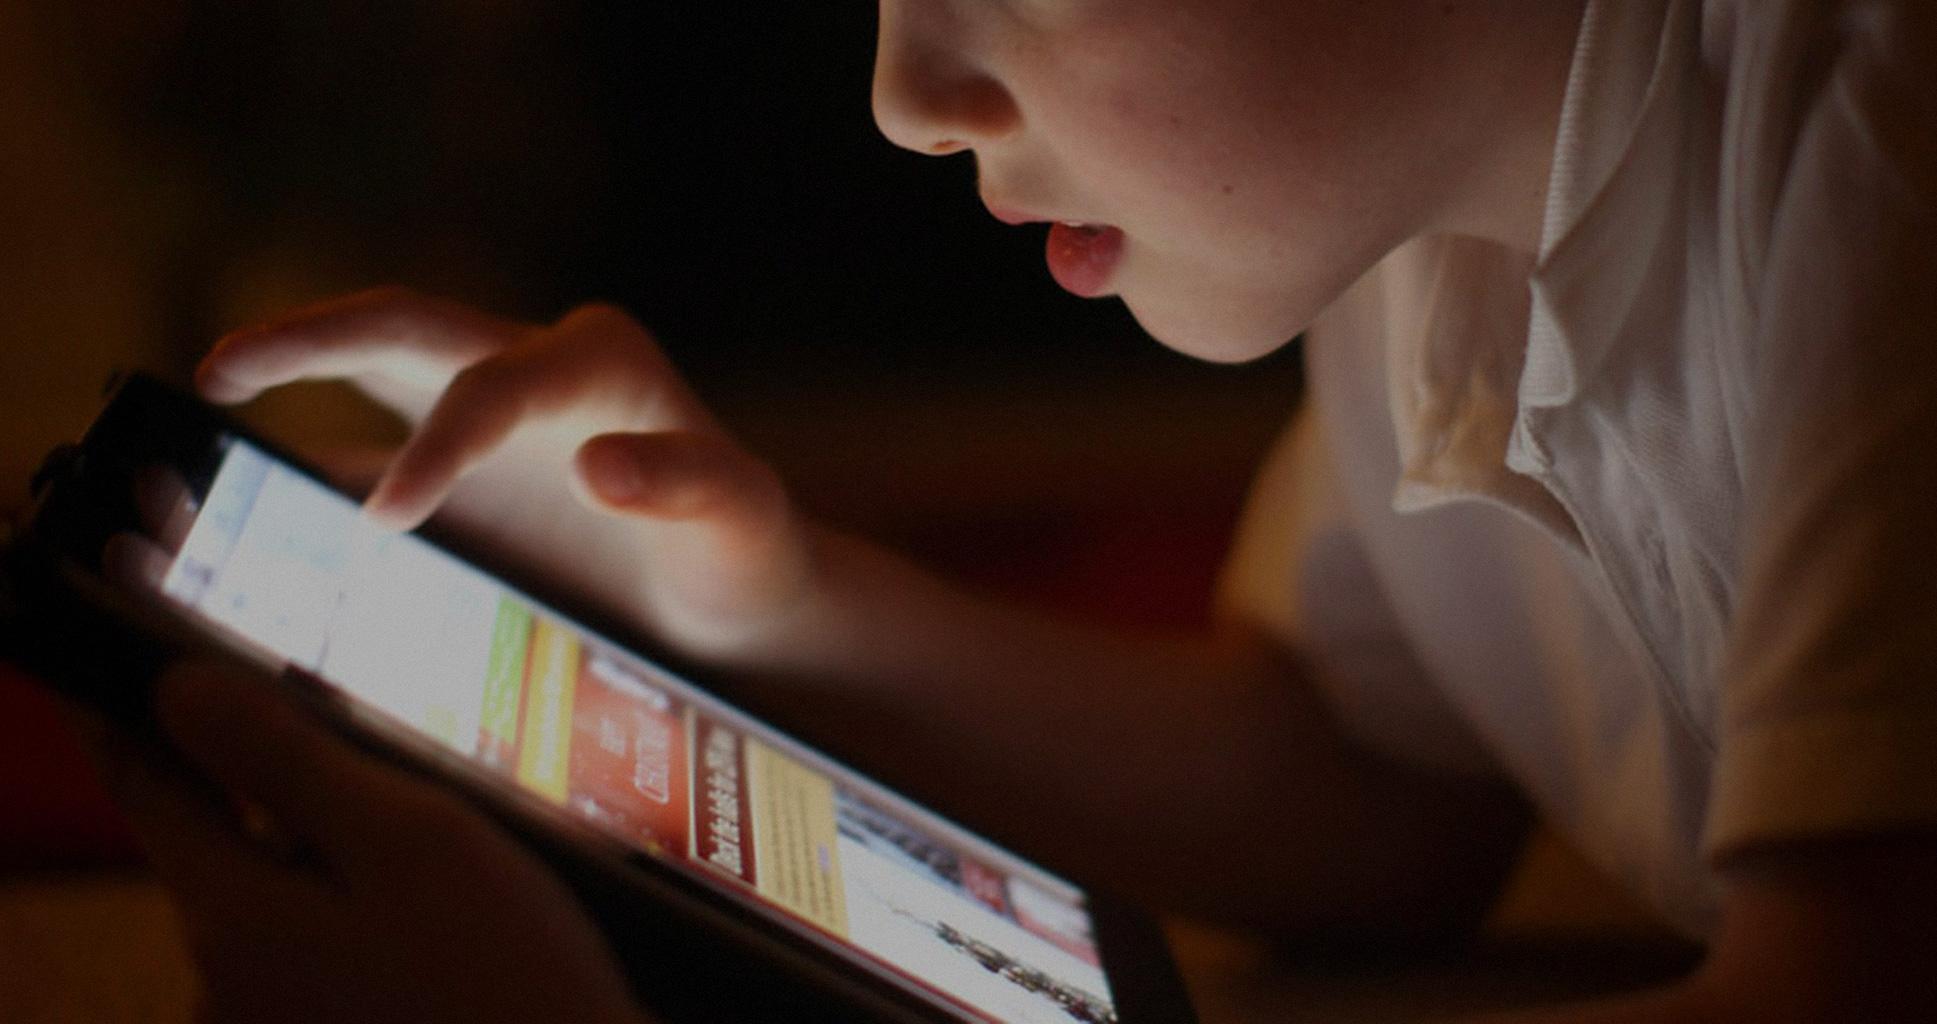 Les smartphones rendent-ils les enfants complètement idiots ? A priori, non